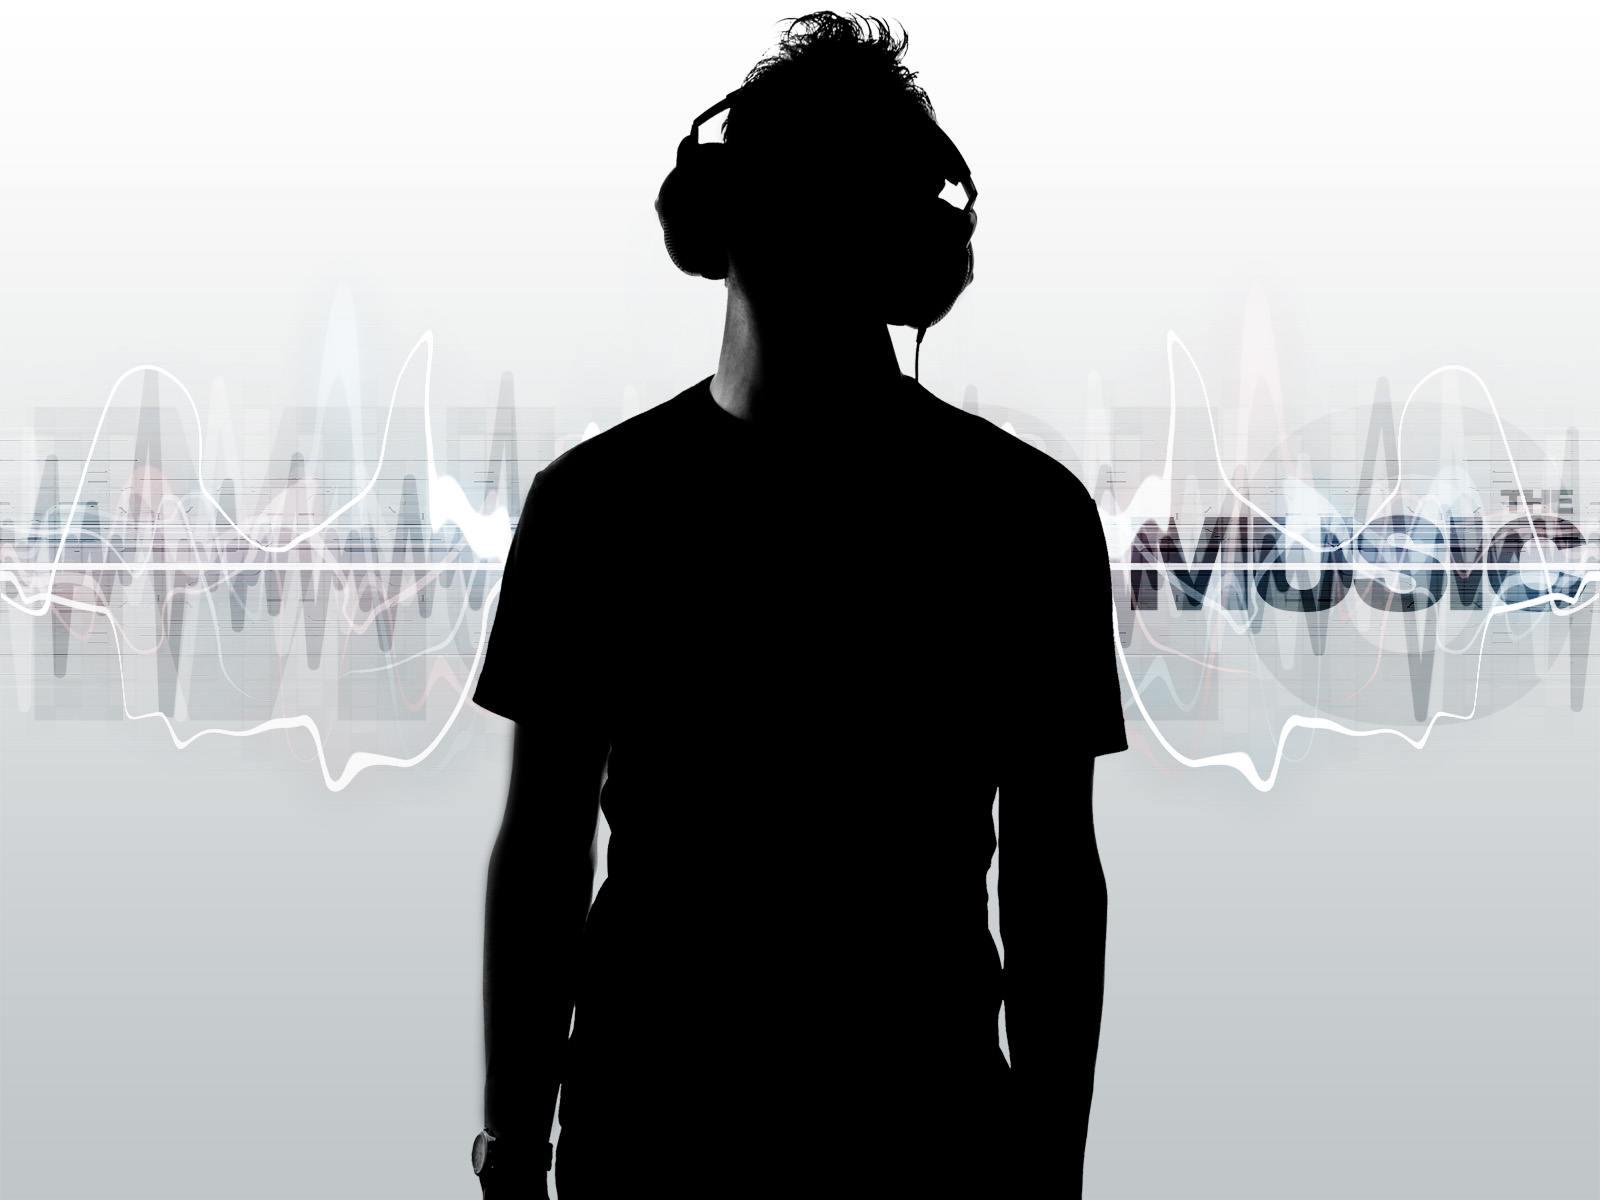 listen_to_music_wallpaper-normal